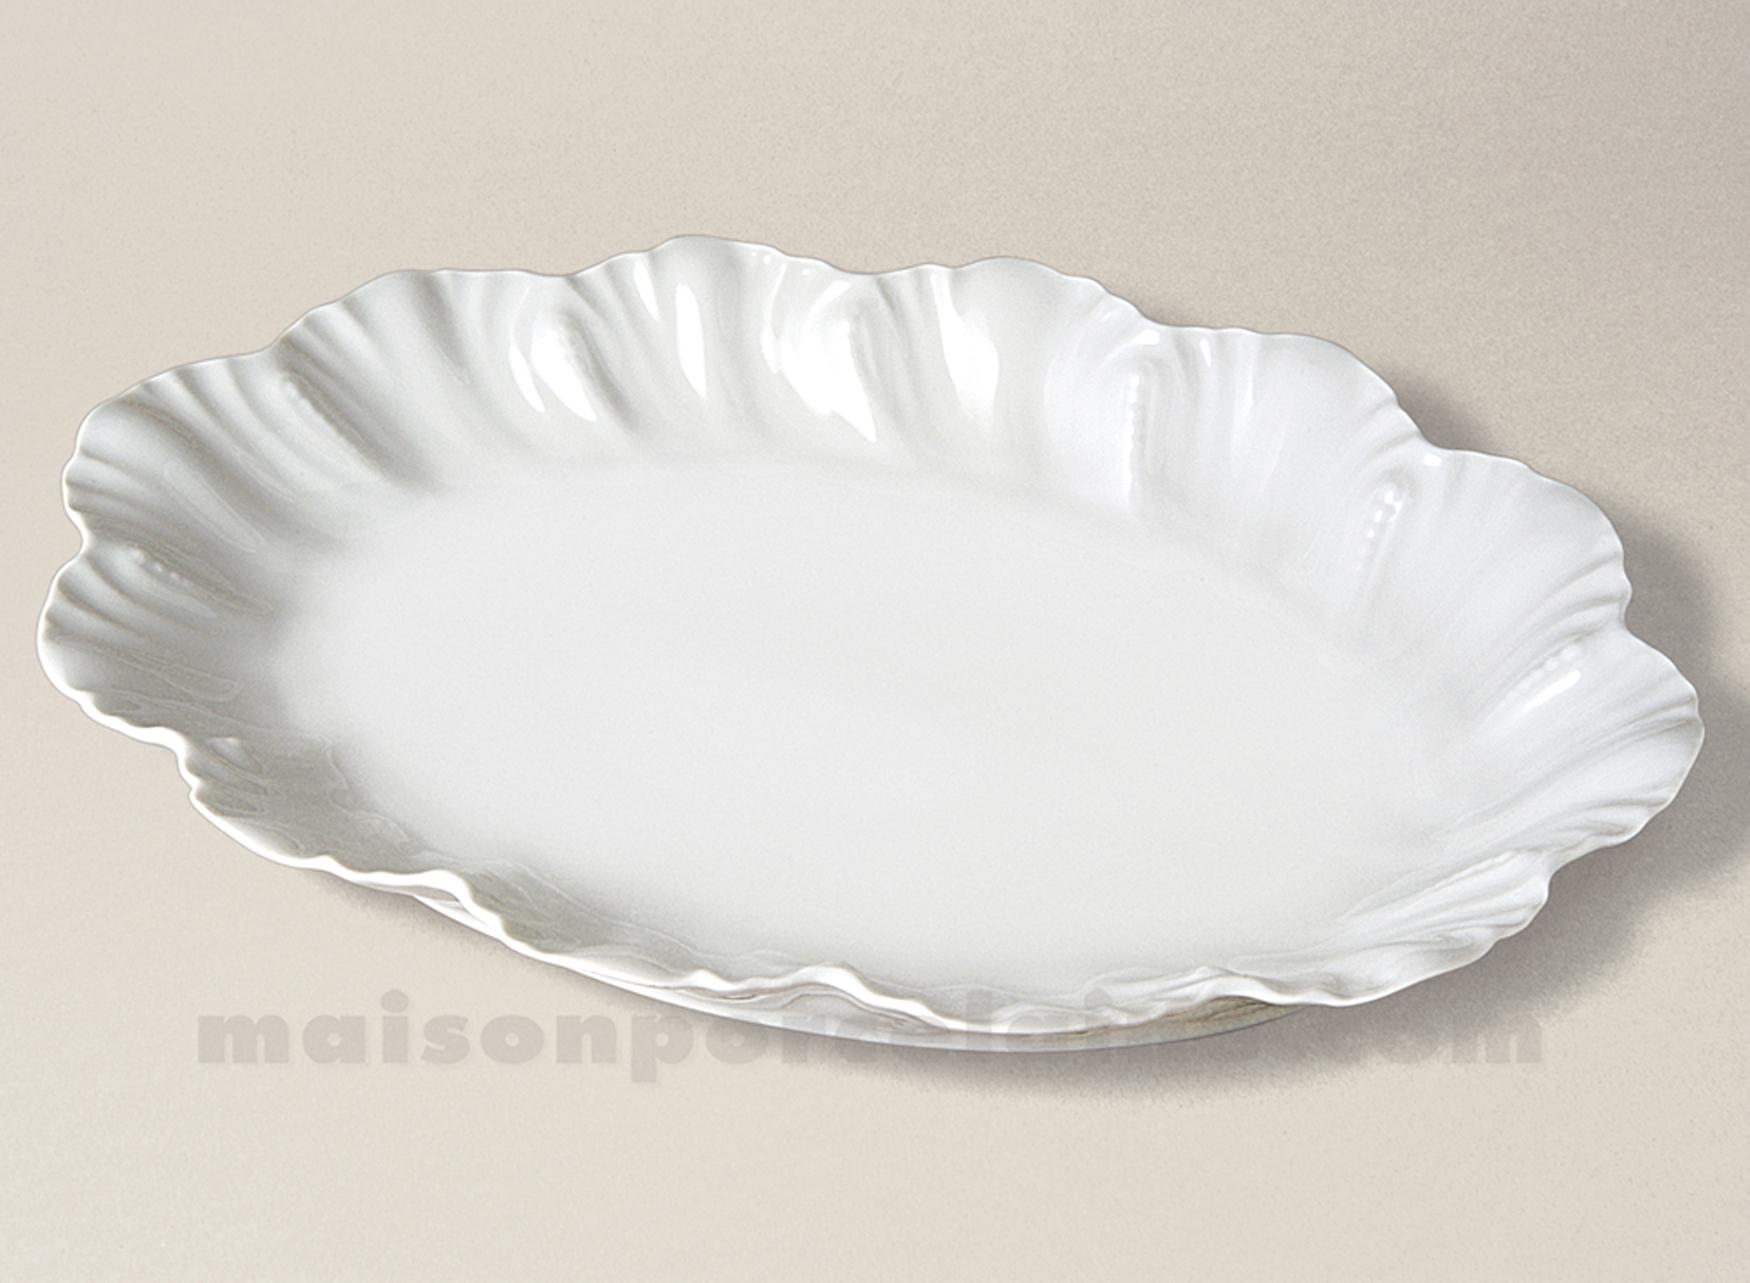 Plat ovale porcelaine blanche table de cuisine - La porcelaine blanche ...